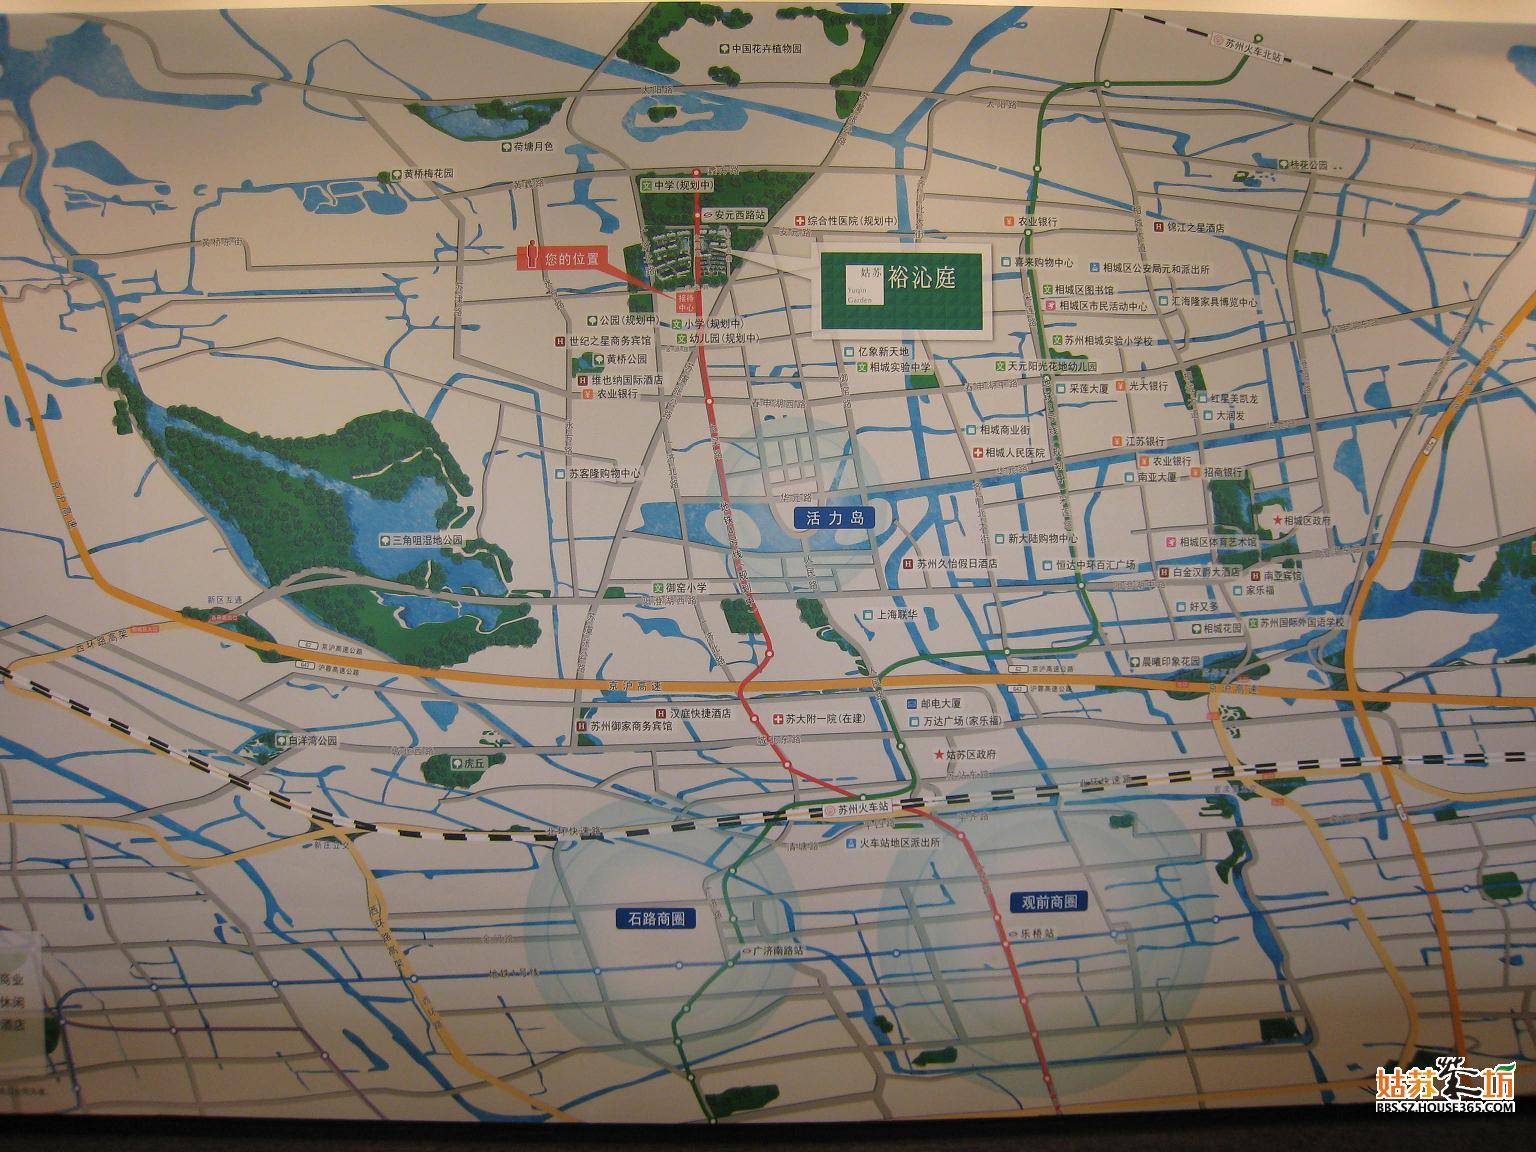 越南姑苏岛地图